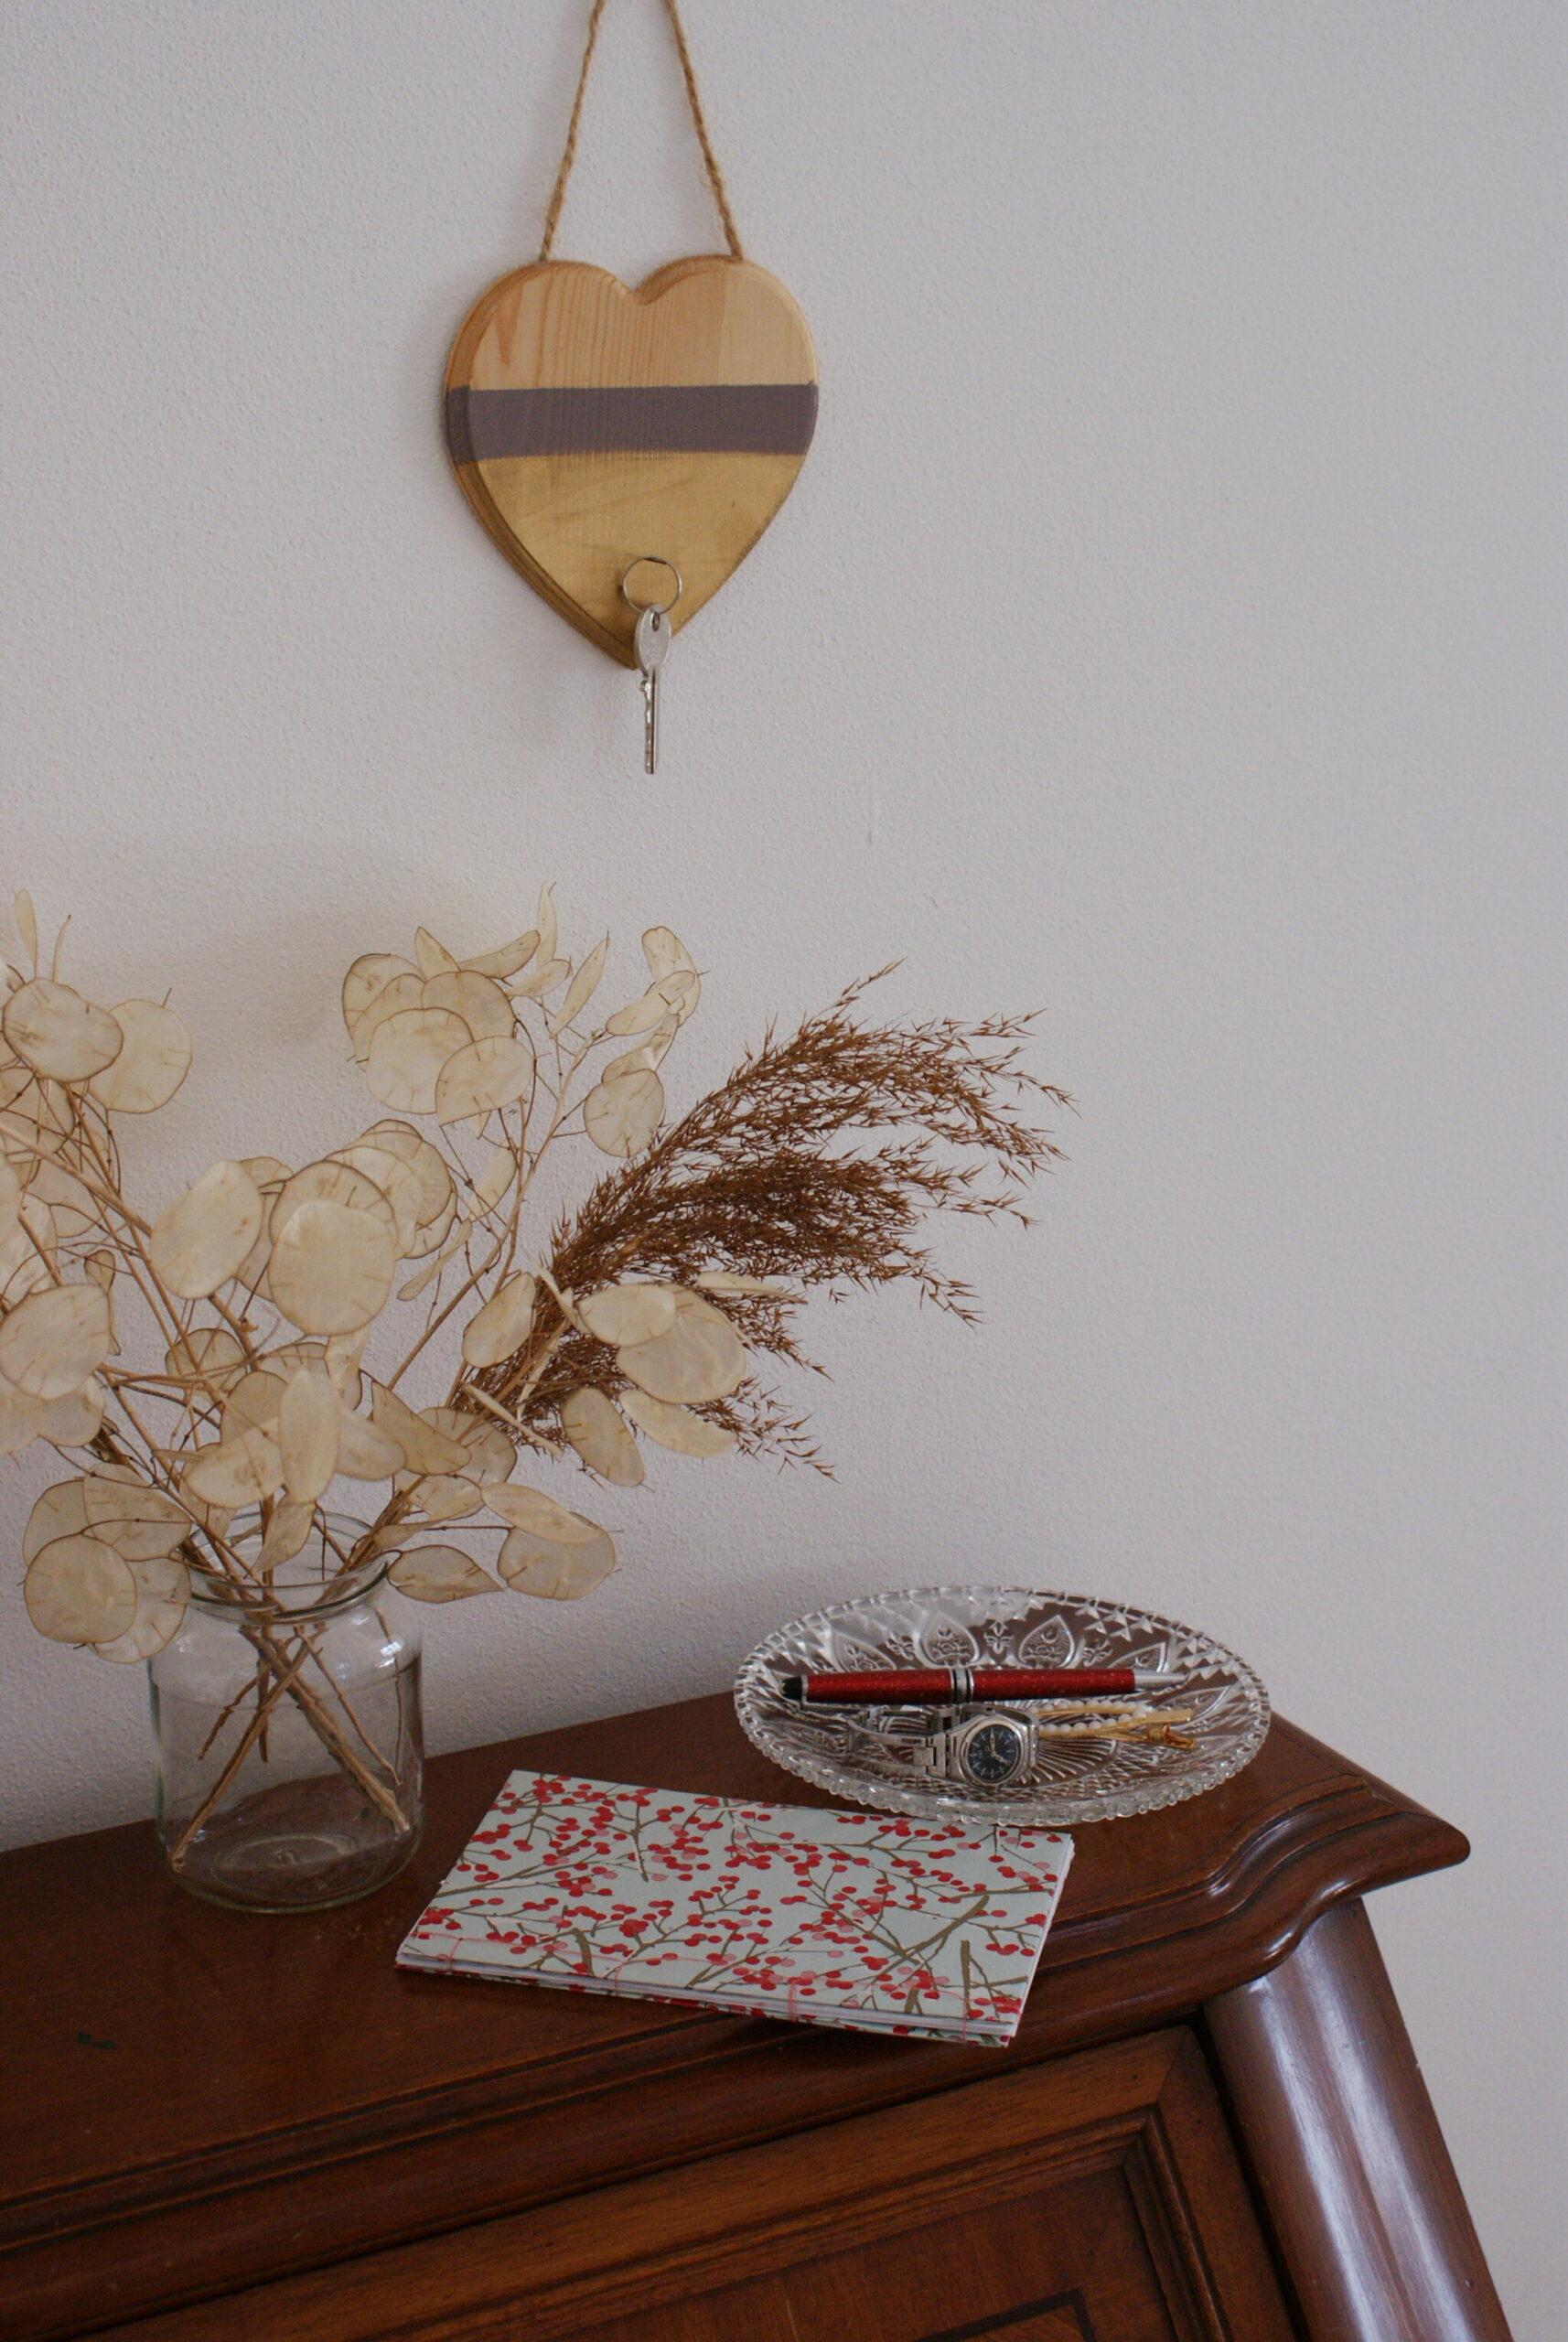 portachiavi appendere legno casa ingresso fai da te tutorial facile regalo idea san valentino